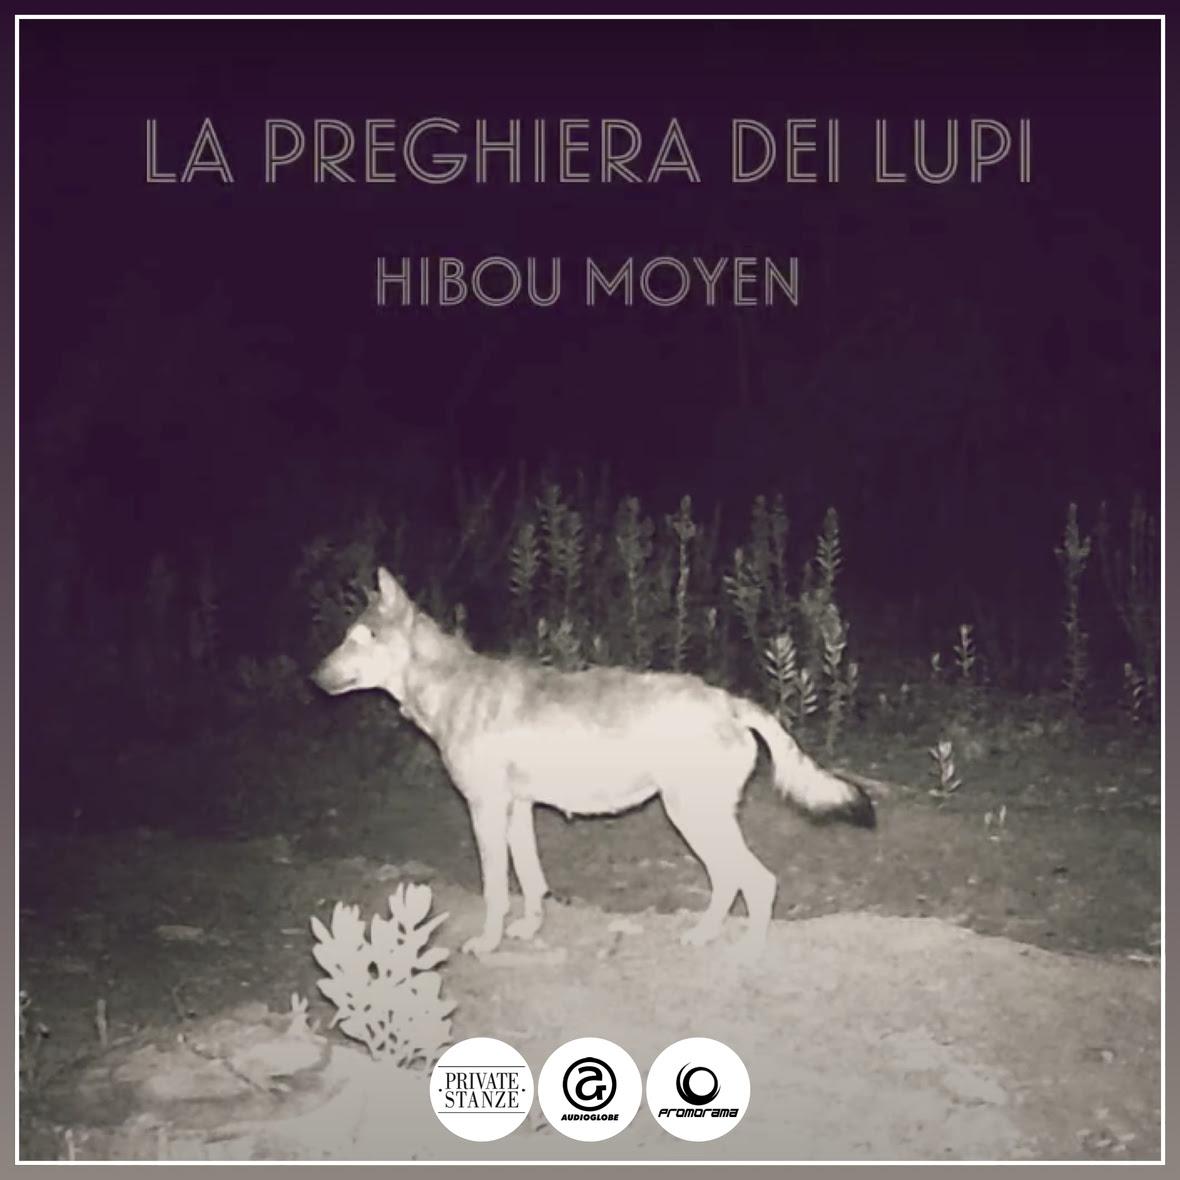 Hibou Moyen - La Preghiera dei Lupi